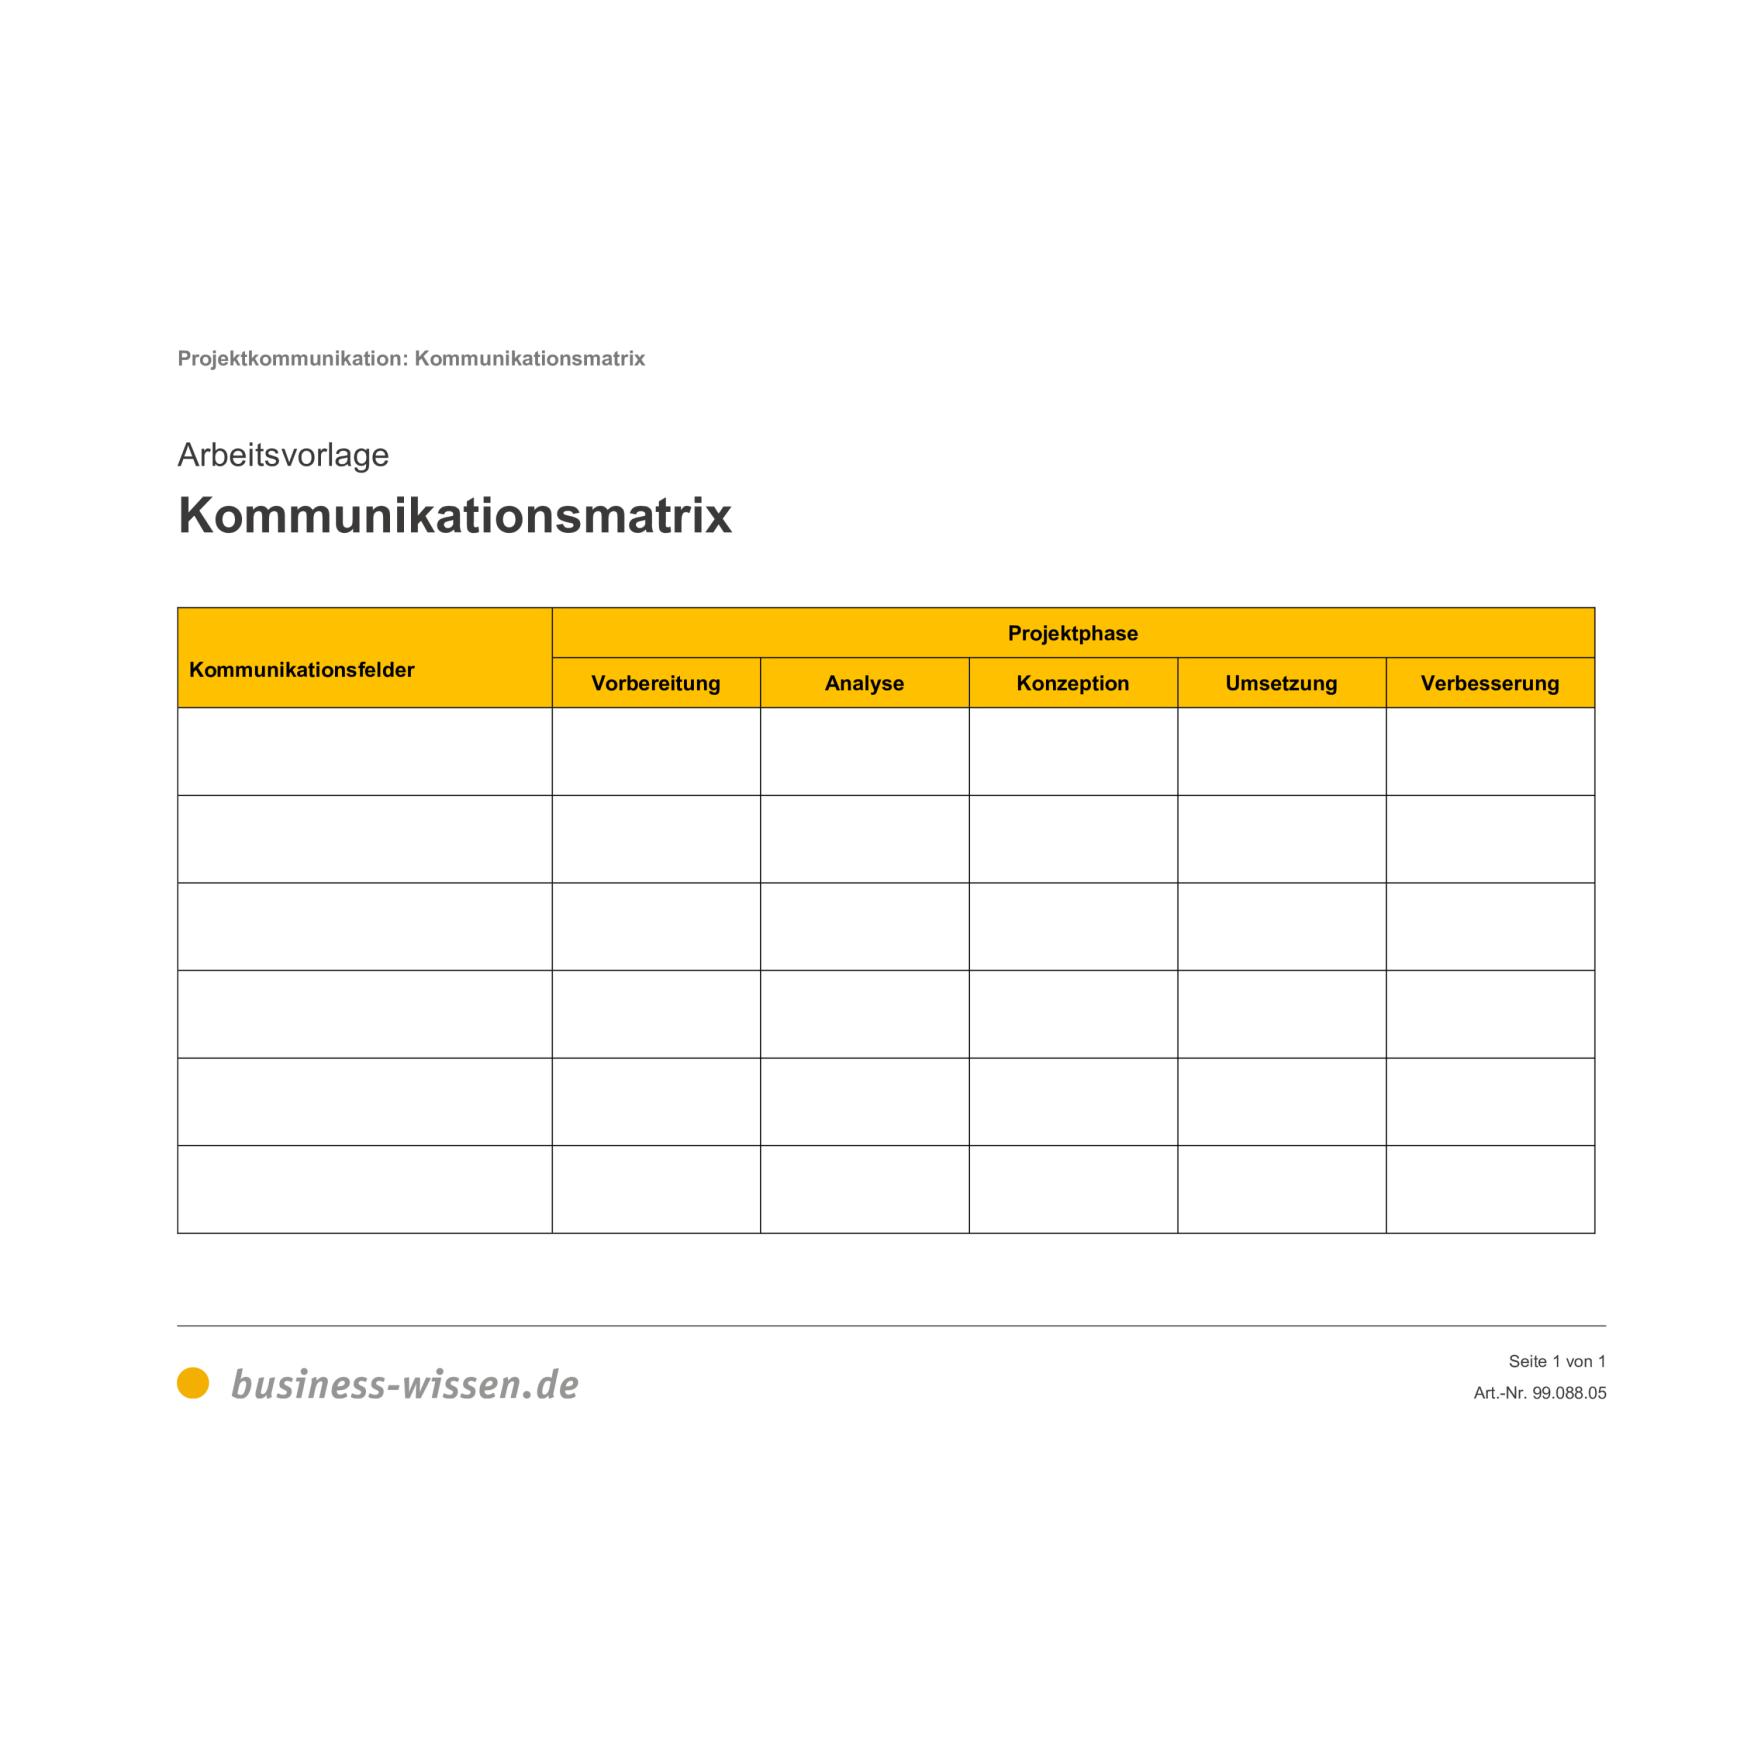 Kommunikationsmatrix Formular Vorlage Business Wissen De